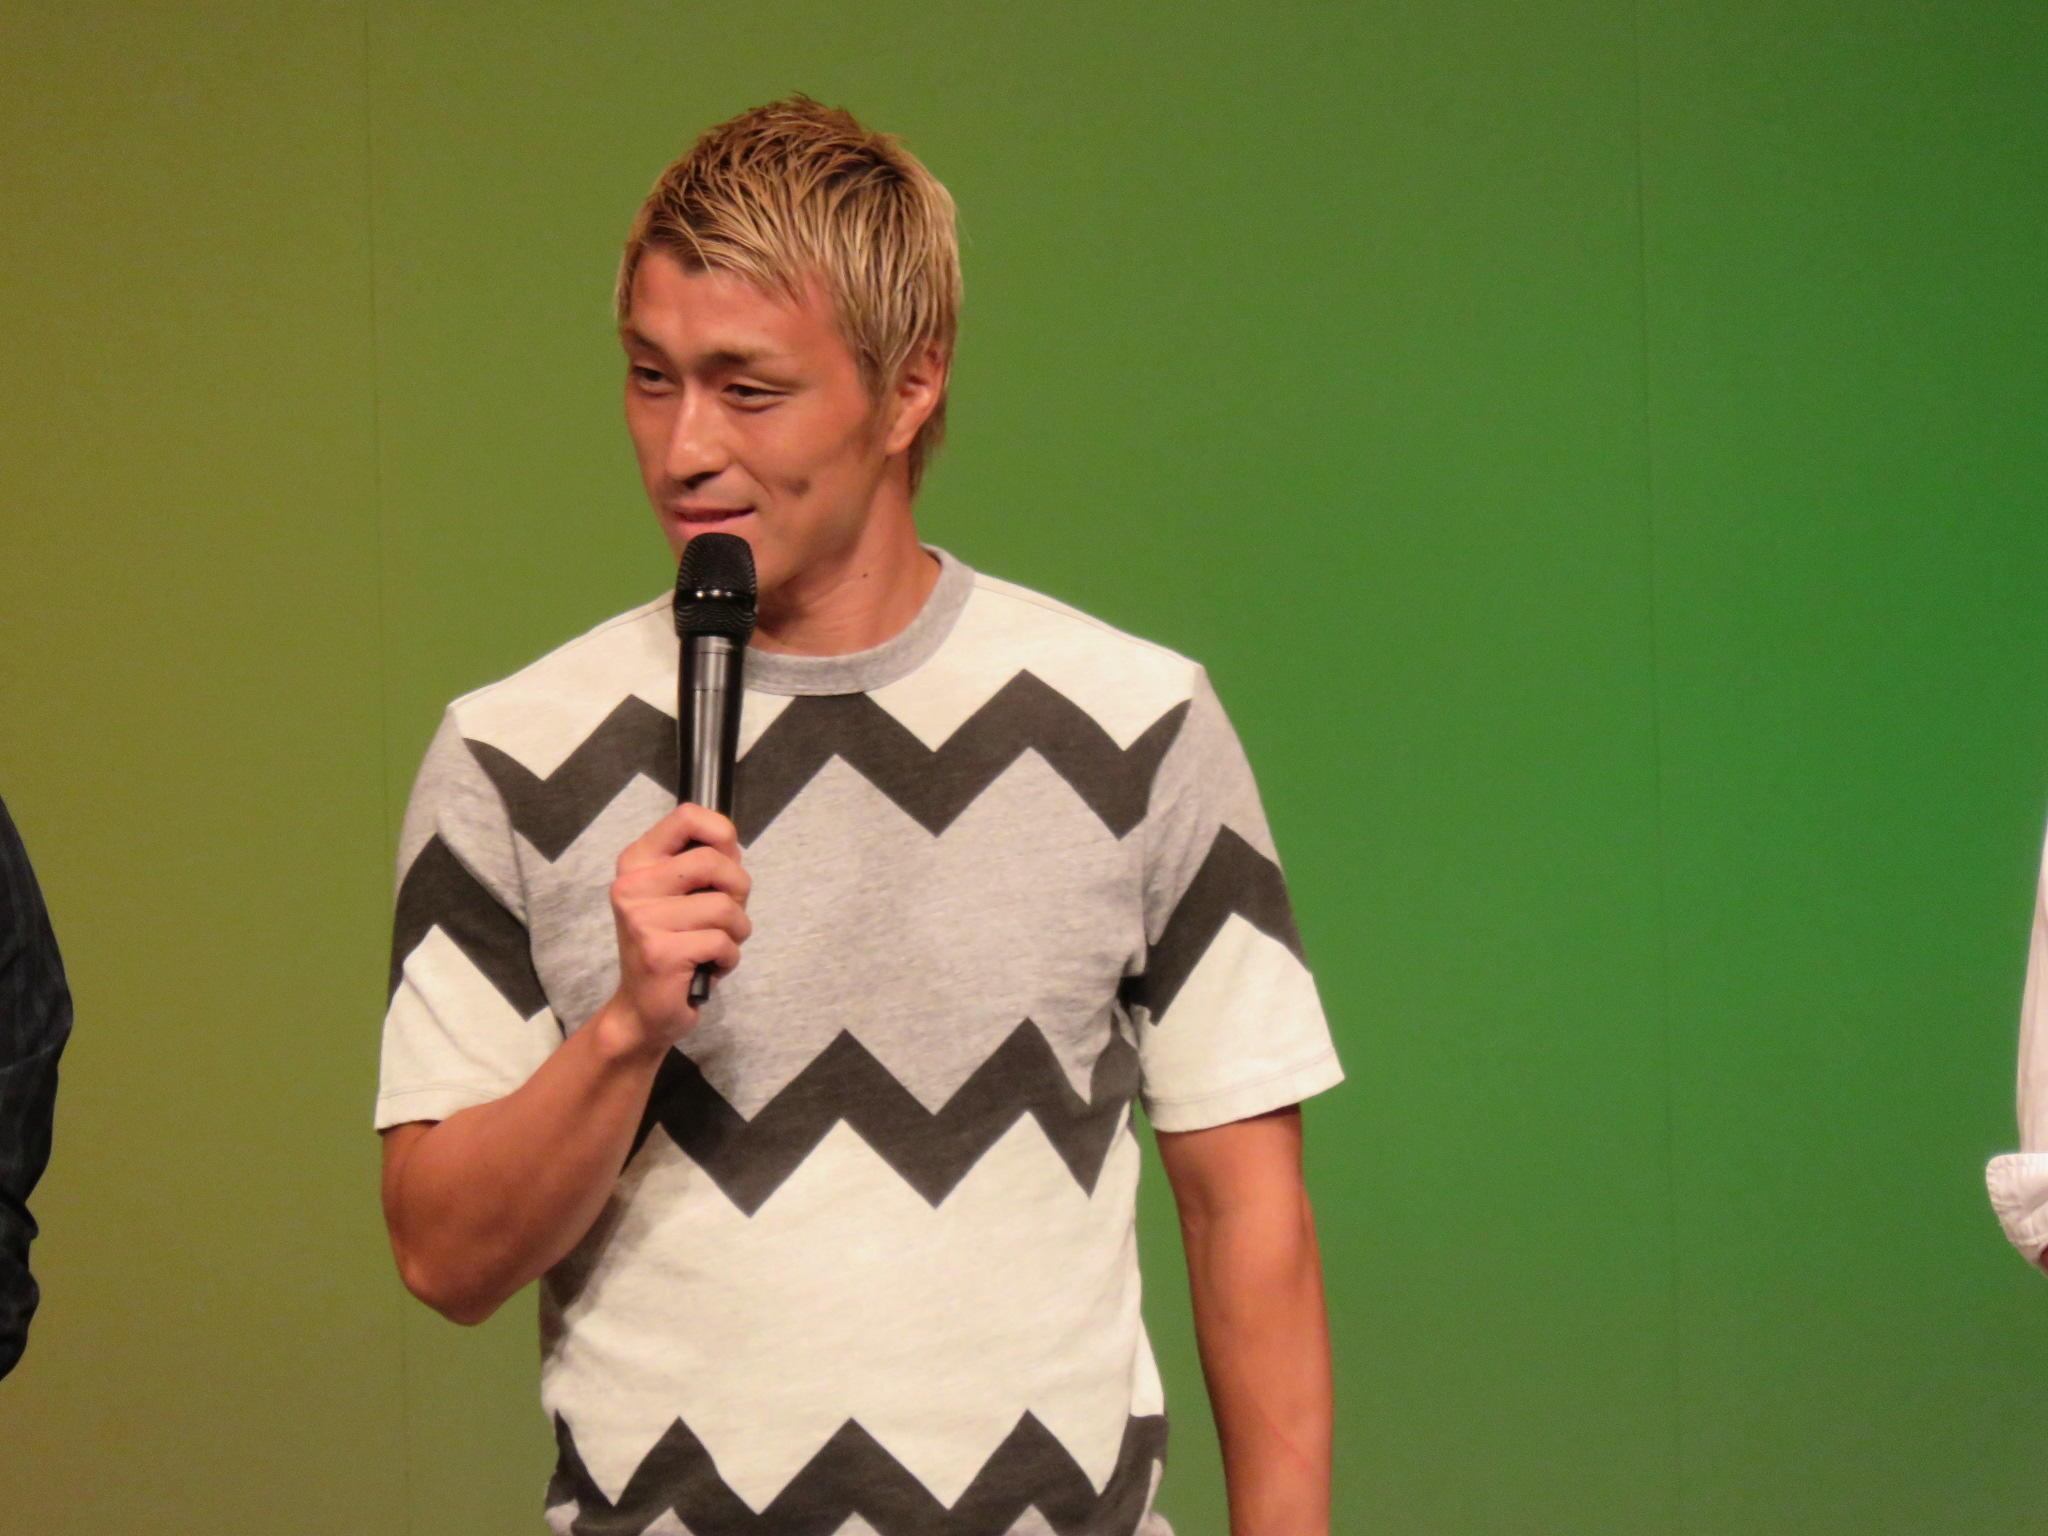 http://news.yoshimoto.co.jp/20160830225258-12bc4031dc3759016ca50ec02a44916028360cfa.jpg